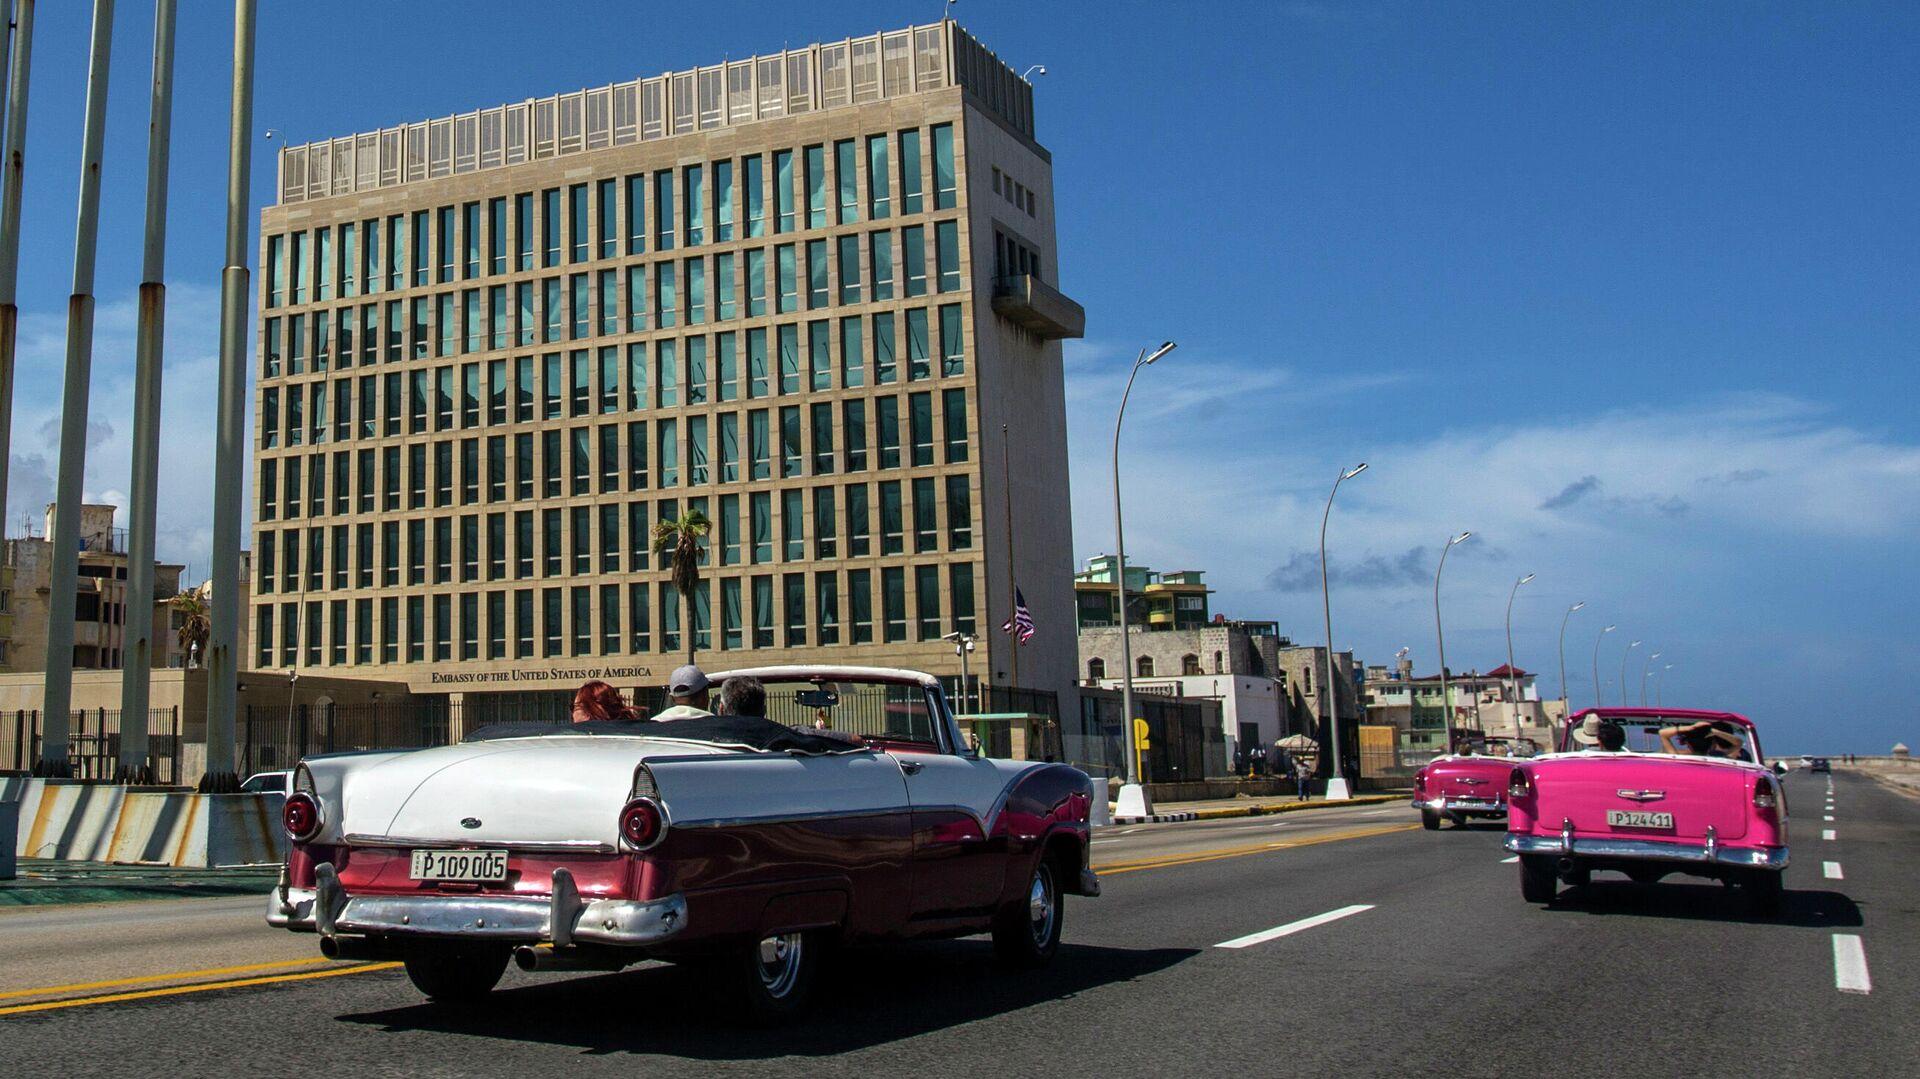 Ретро-автомобили с туристами около посольства США в Гаване, Куба - РИА Новости, 1920, 18.08.2021